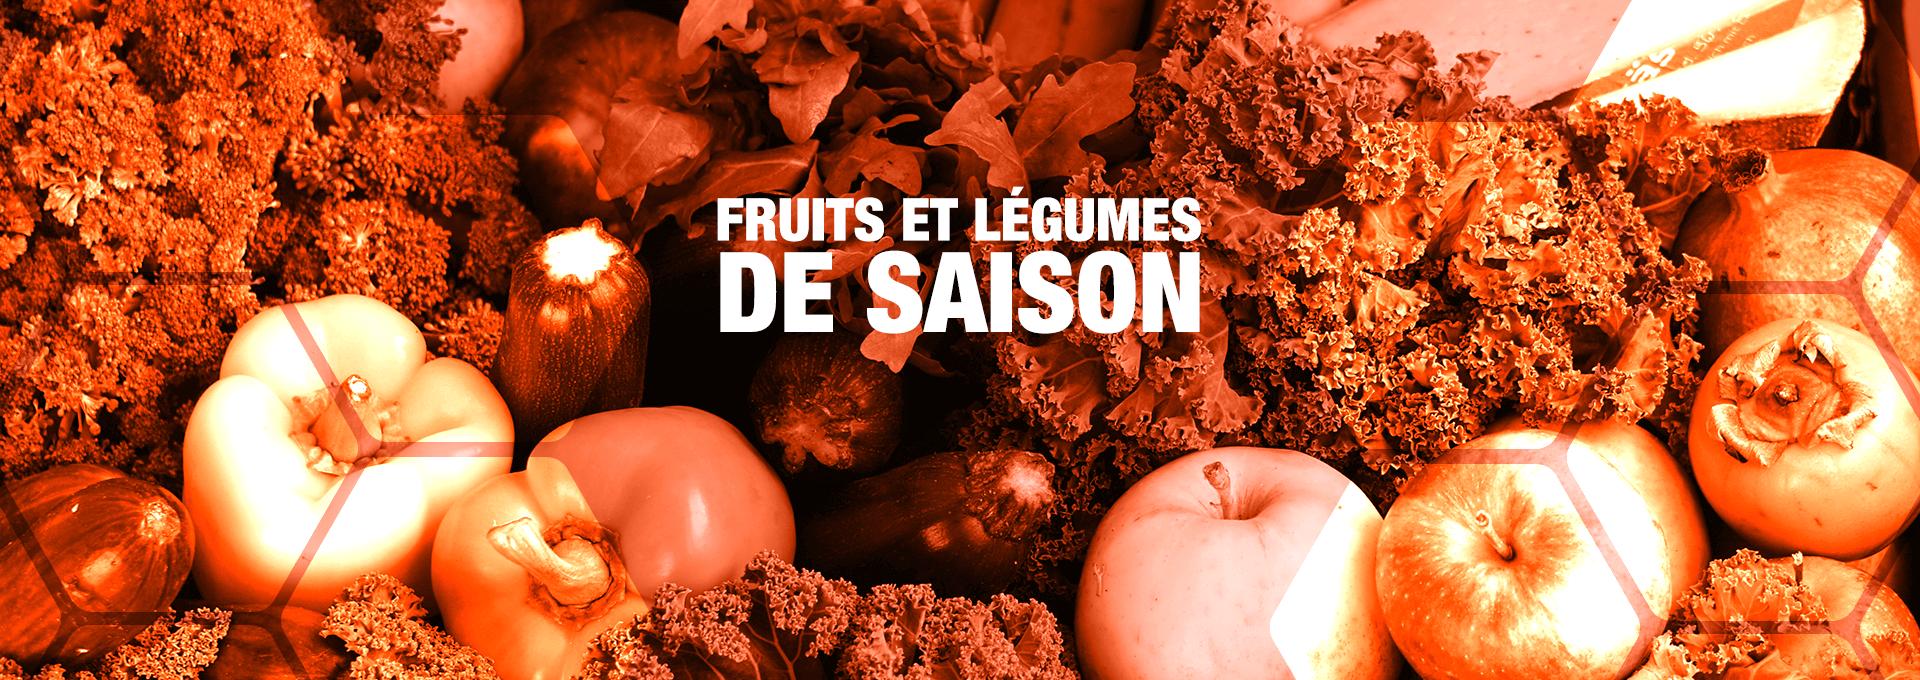 consommer autrement fruits et légumes de saison